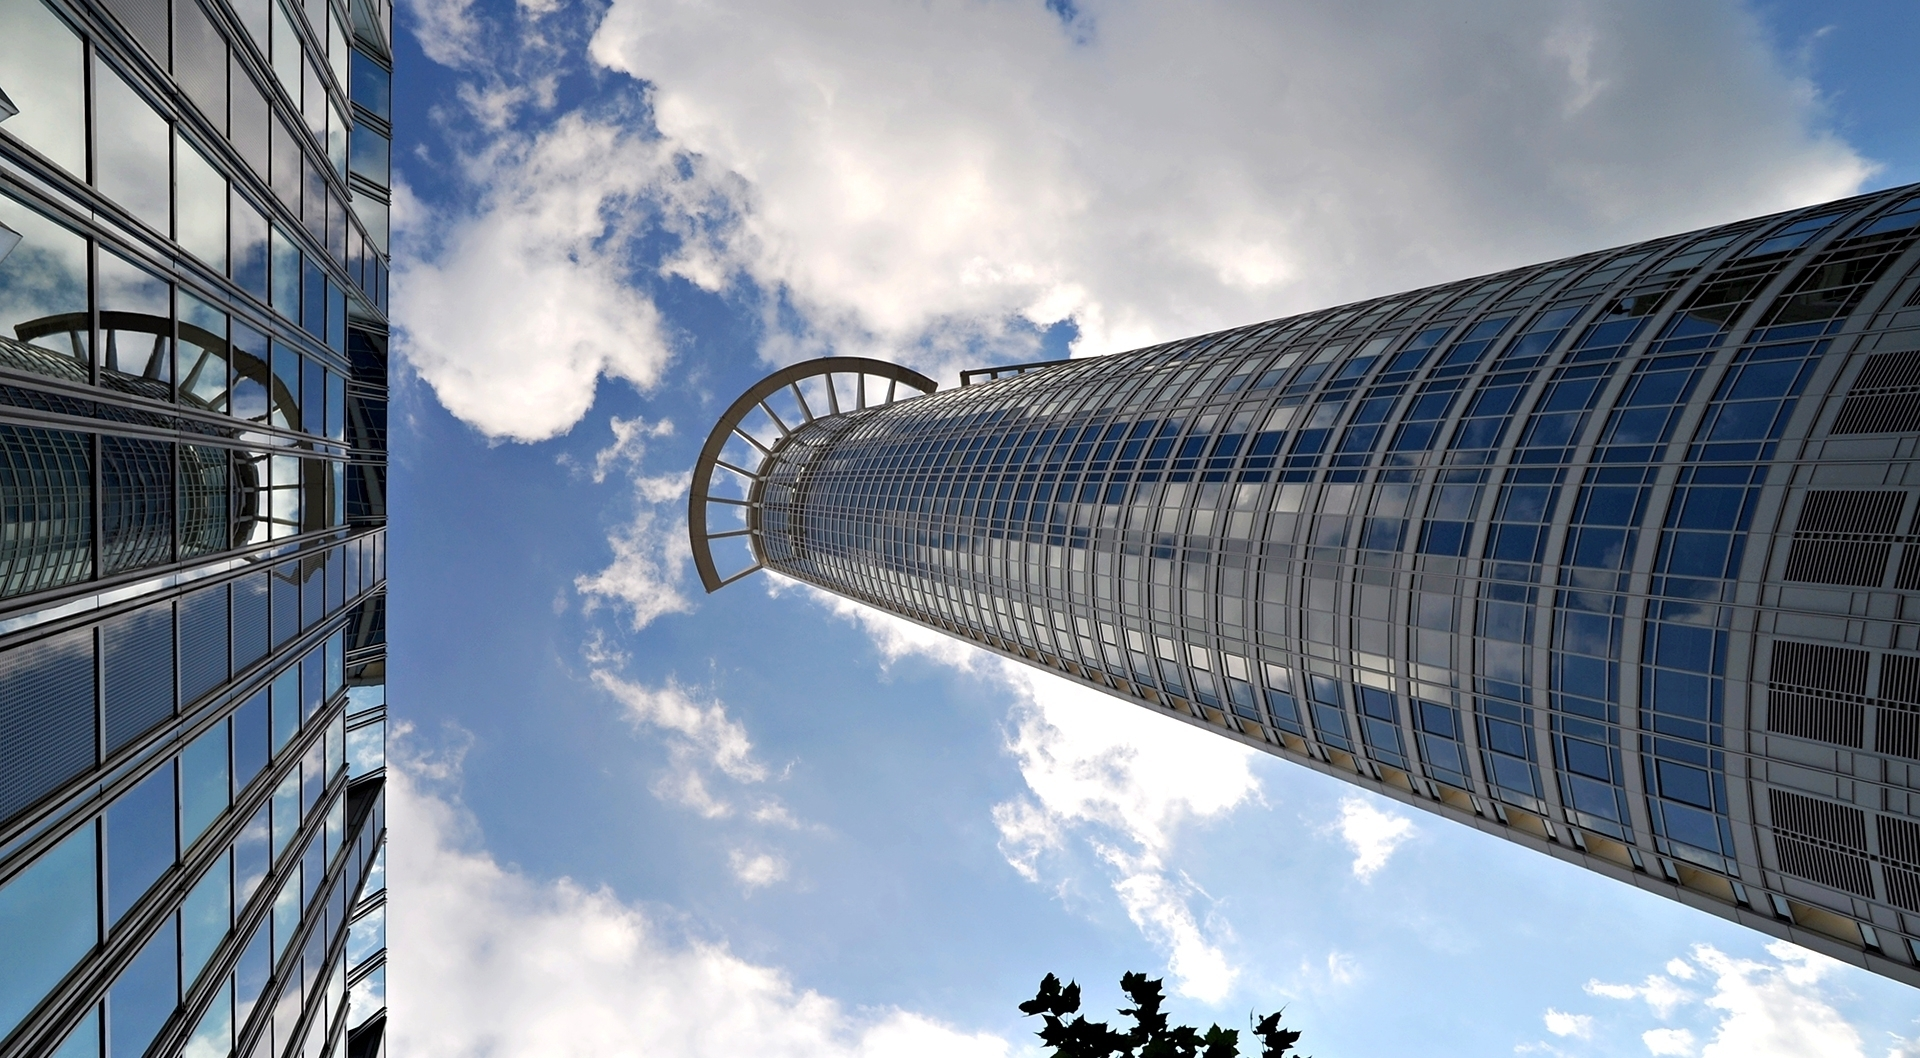 Architecture Skyscraper 1380710 Wallpaper wallpaper